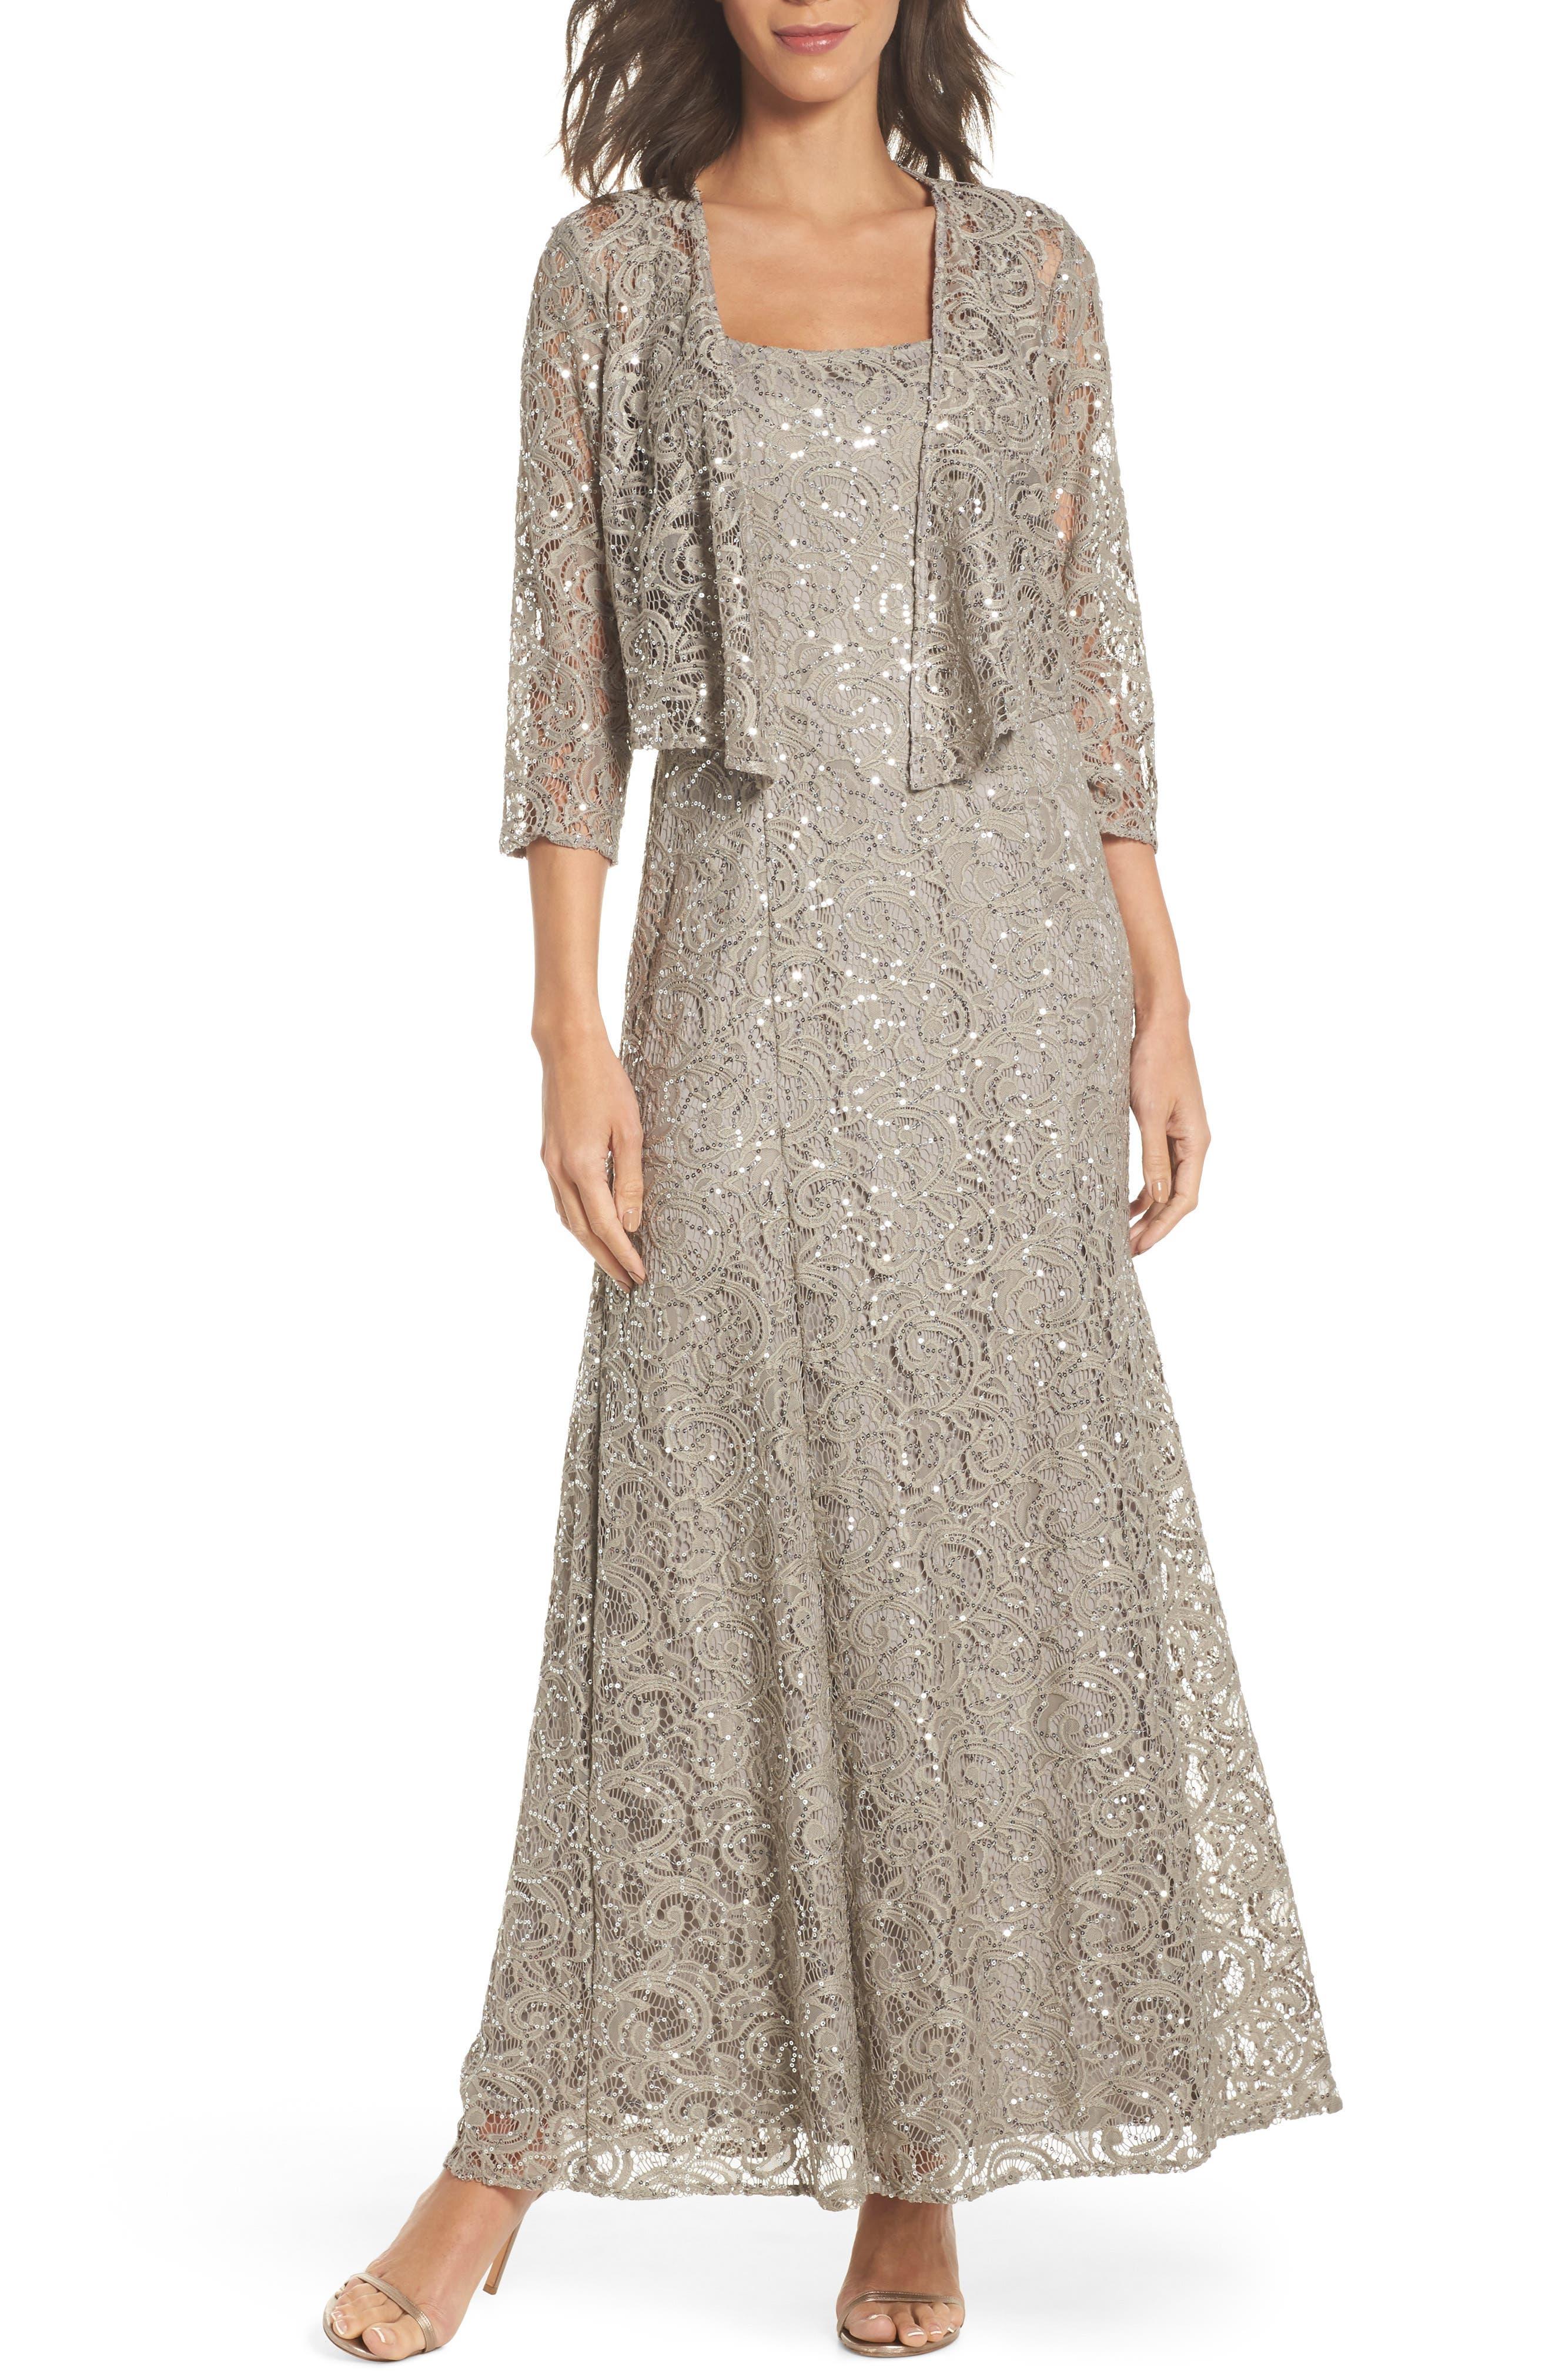 Alex Evenings Sequin Lace Jacket Gown